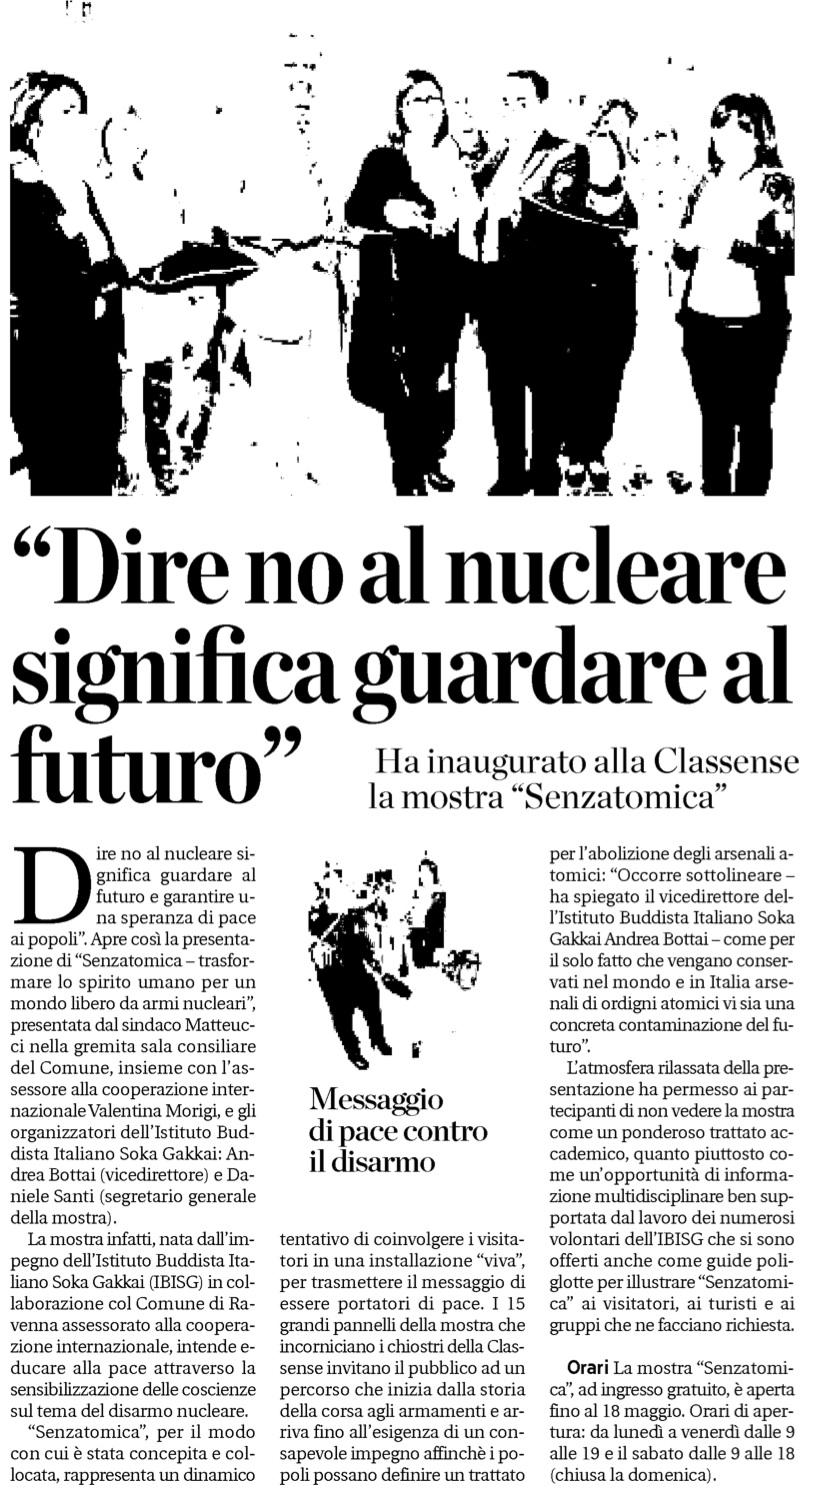 2013-05-05 La Voce Di Romagna